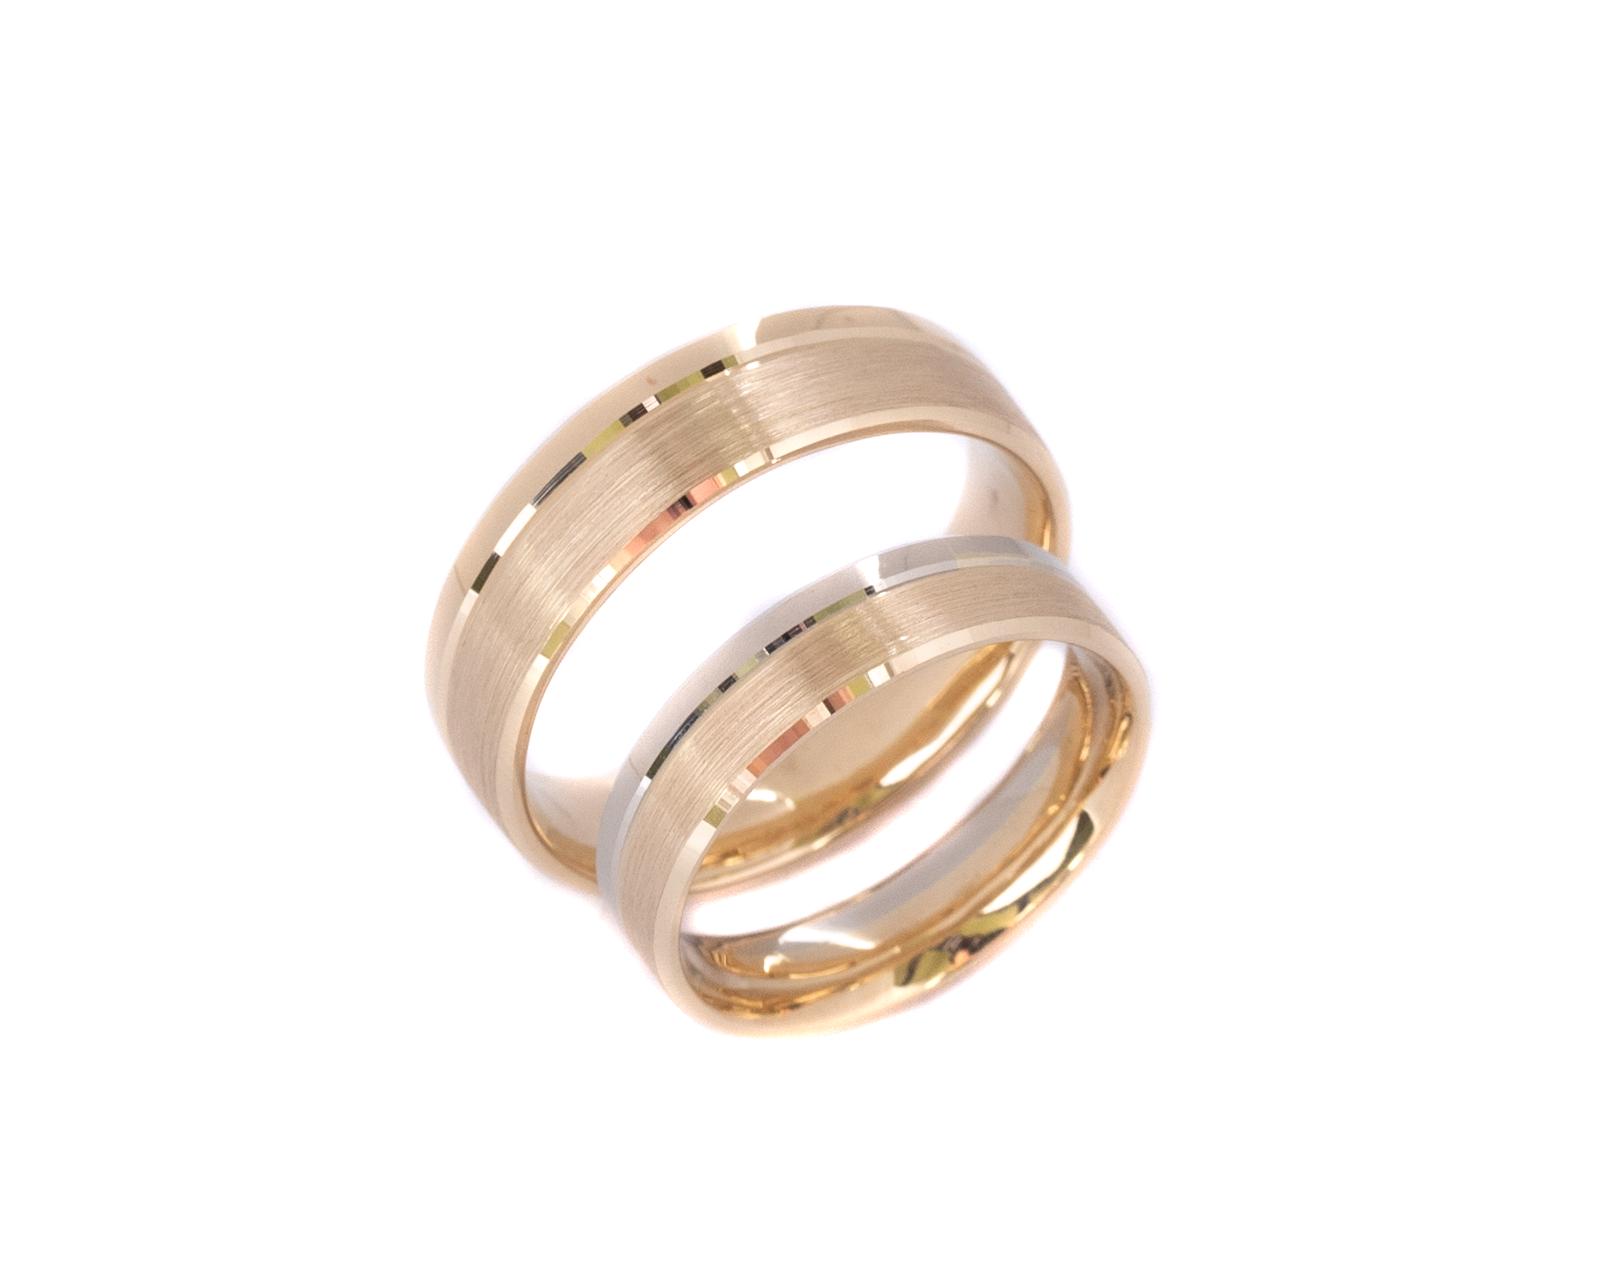 Płaskie złote obrączki z mieszanego złota , szczotkowane